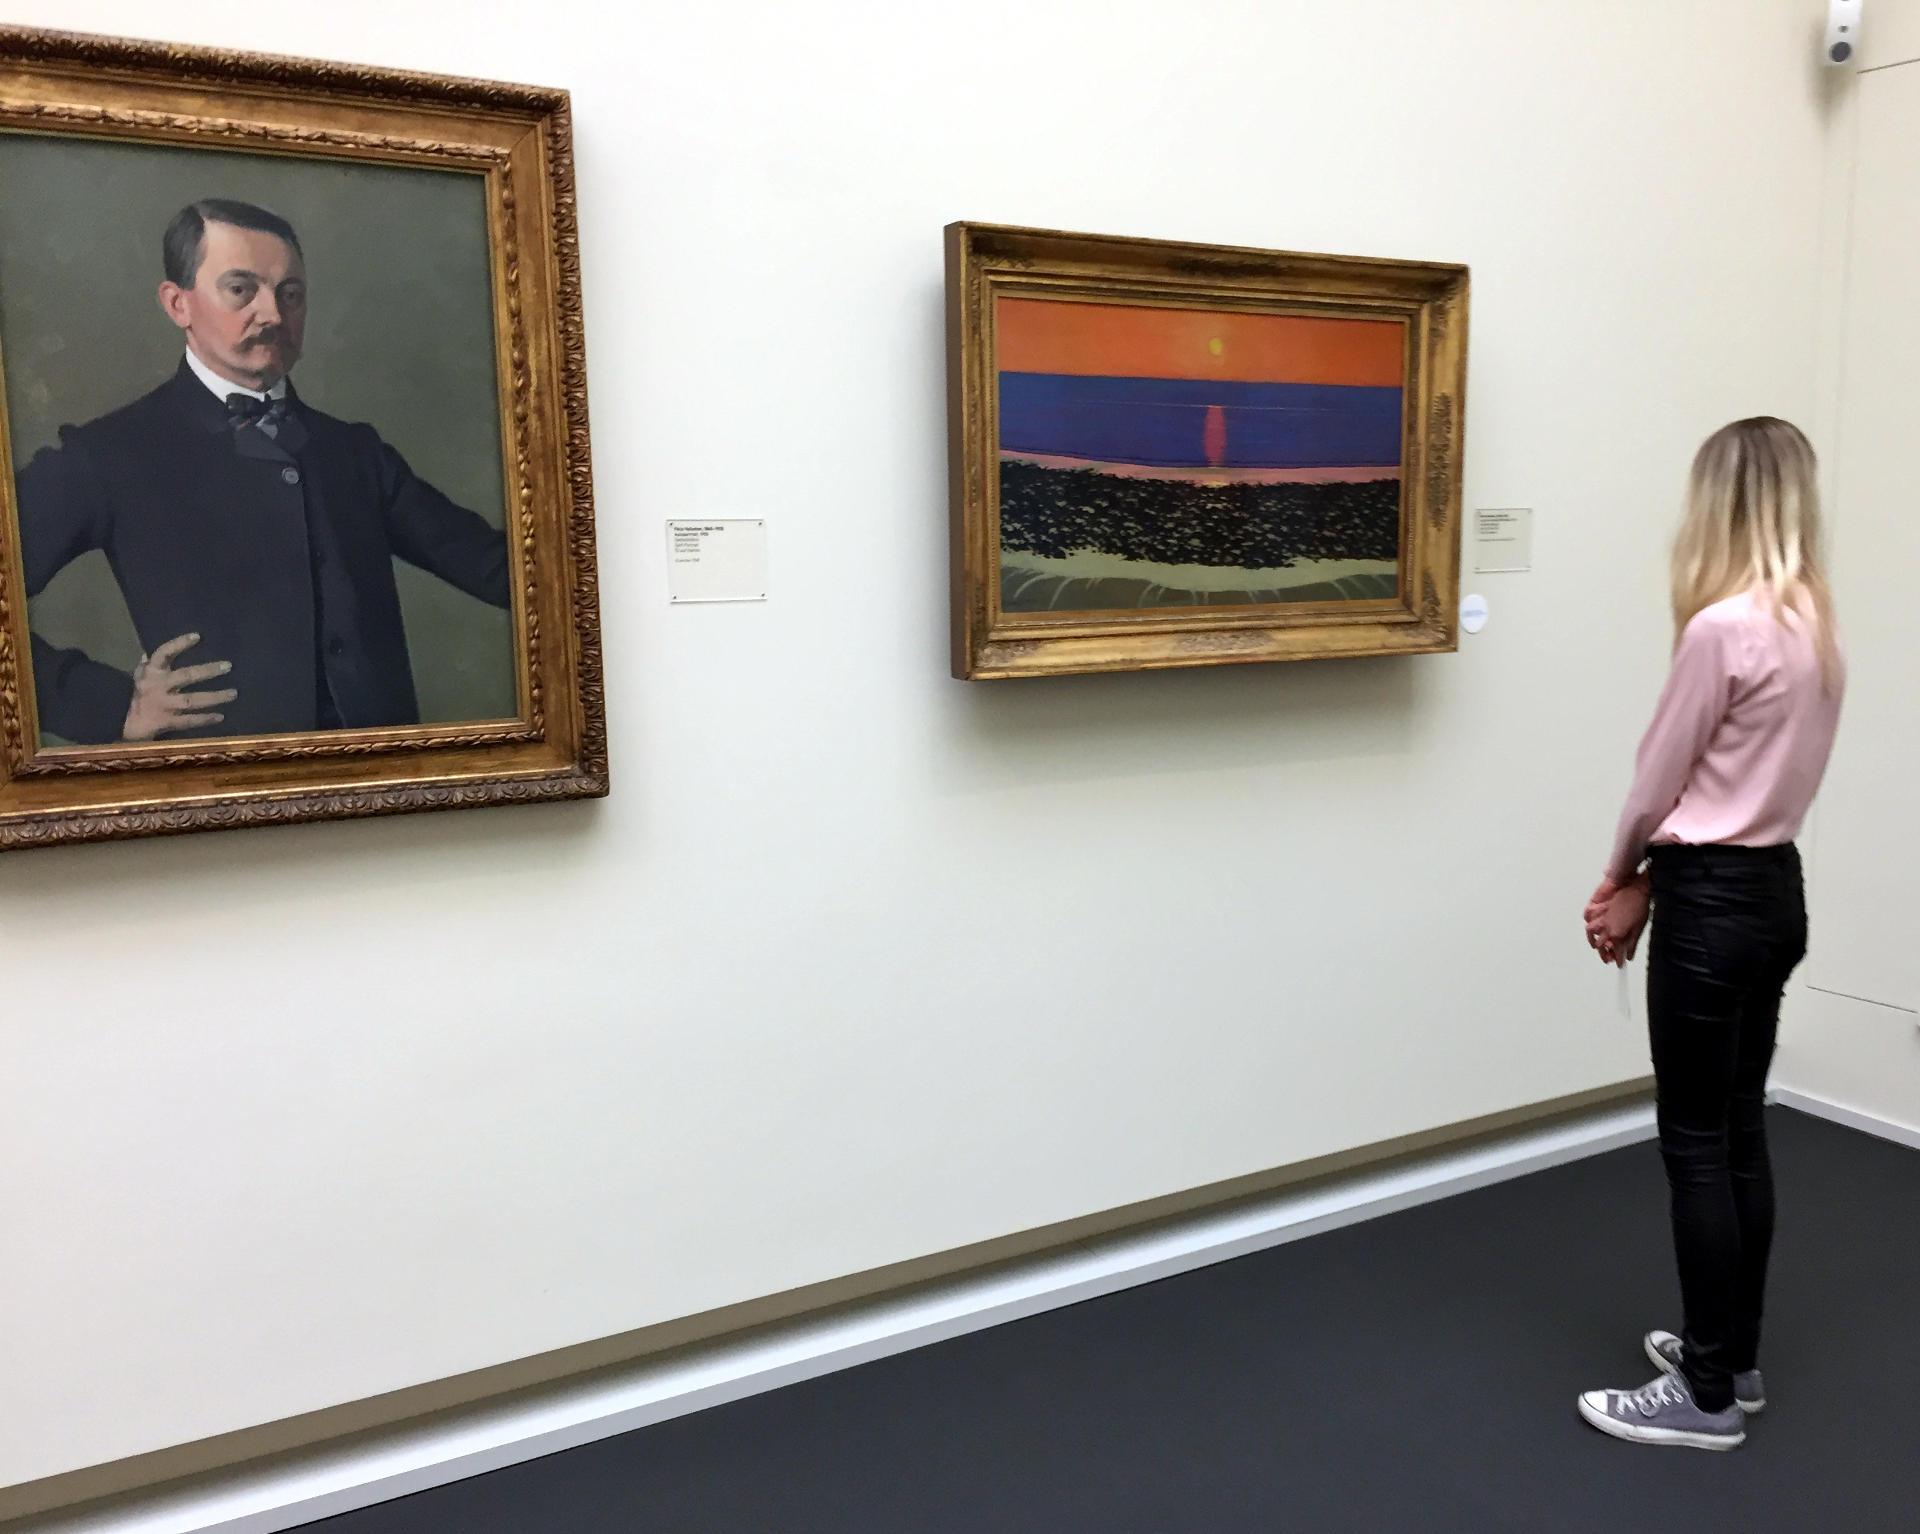 zurych zurich sztuka muzeum obrazy kunsthaus iglawpodrozy